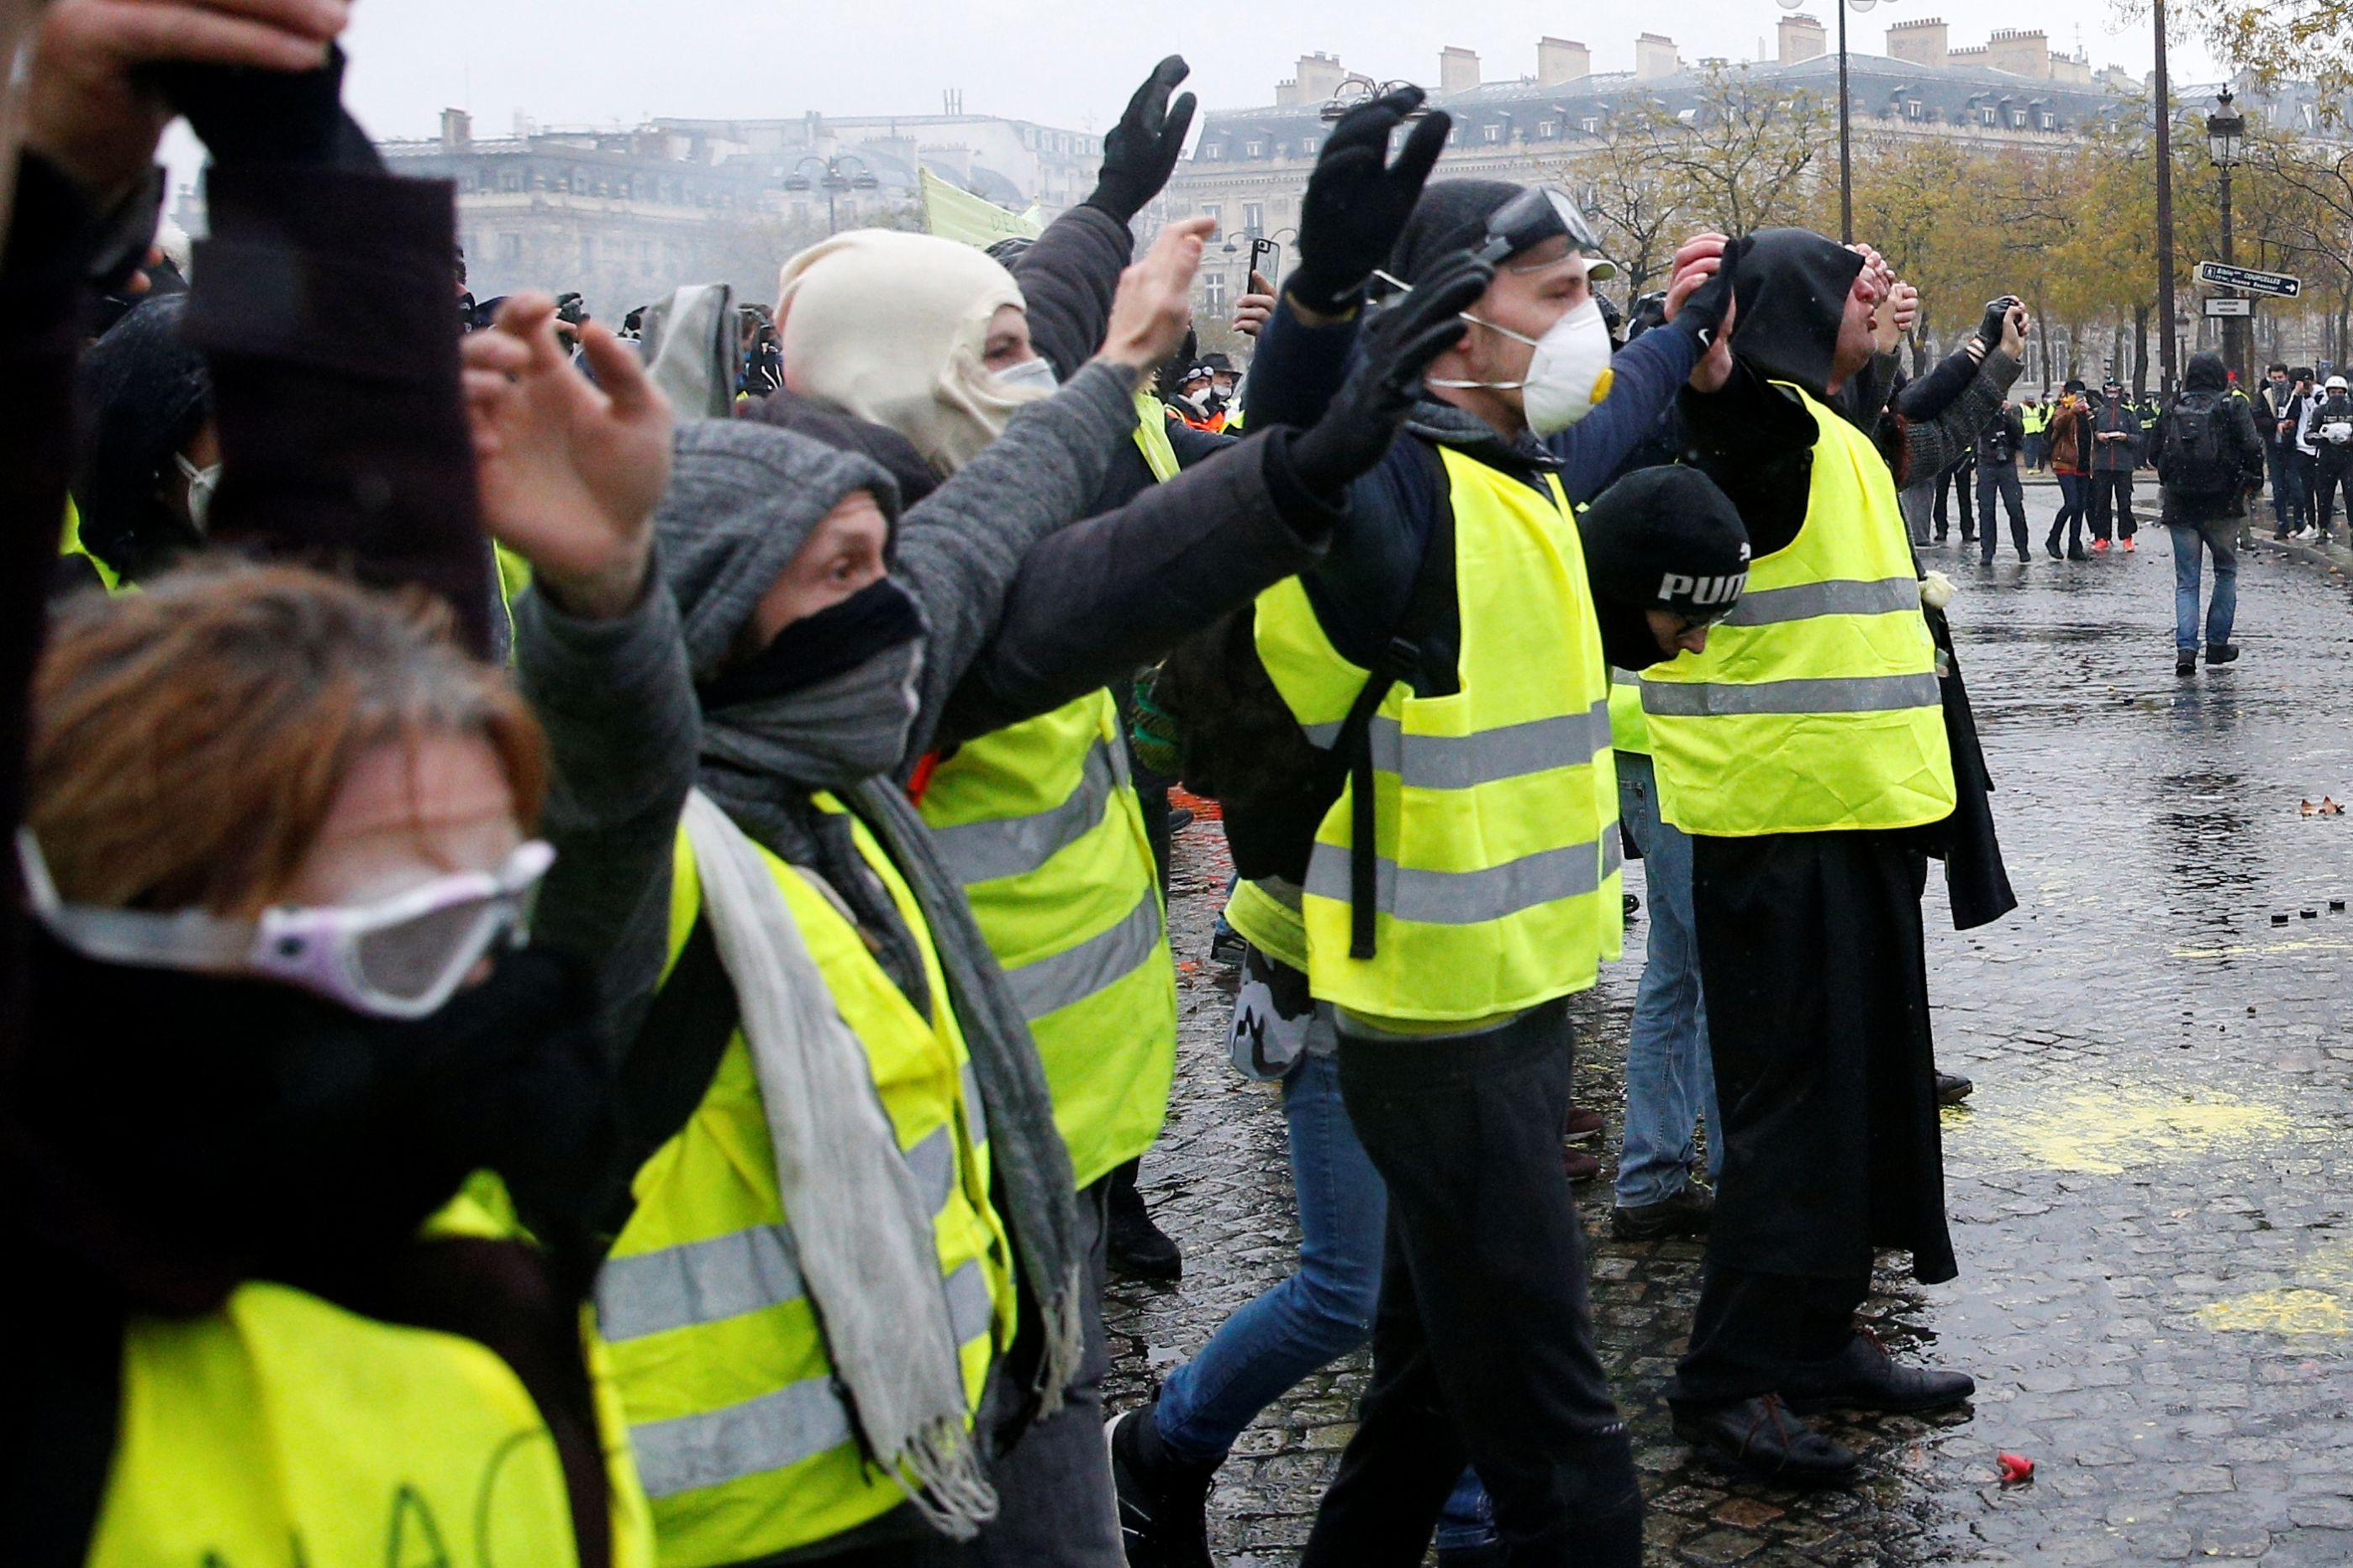 Entradas norte em Braga bloqueadas. Manifestantes pontapearam carros